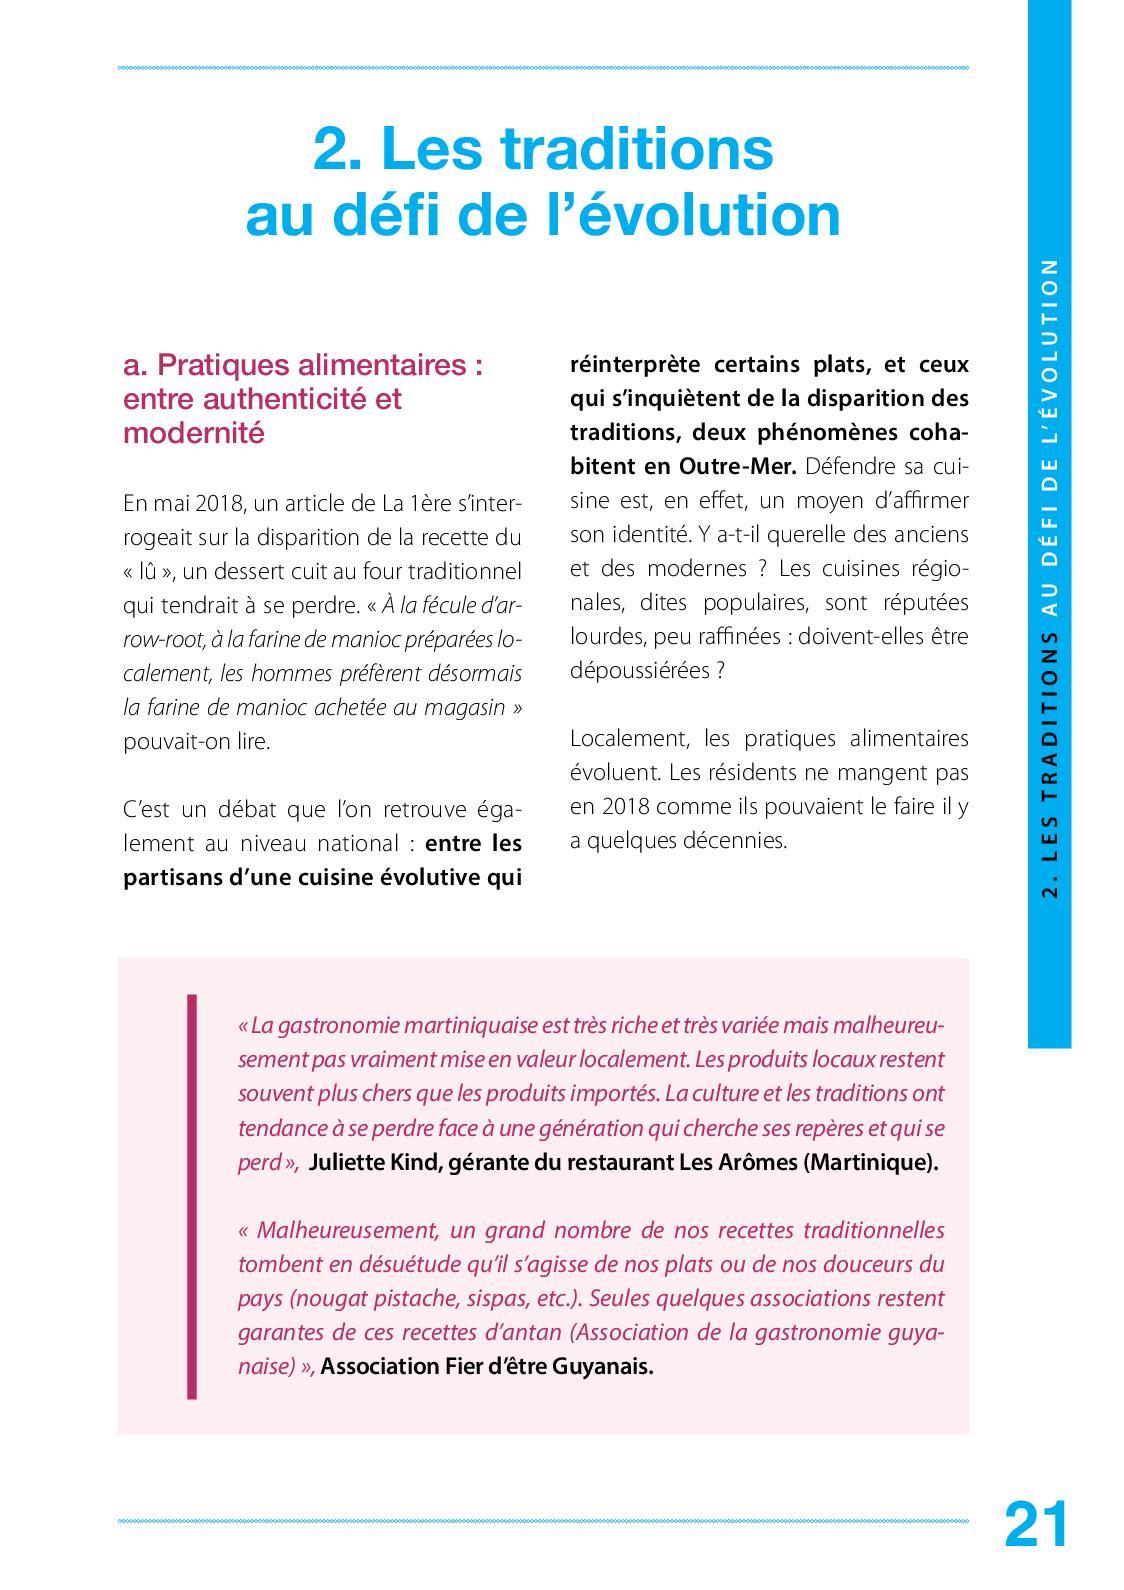 Rapport Gastronomie Majorine Calameo Downloader